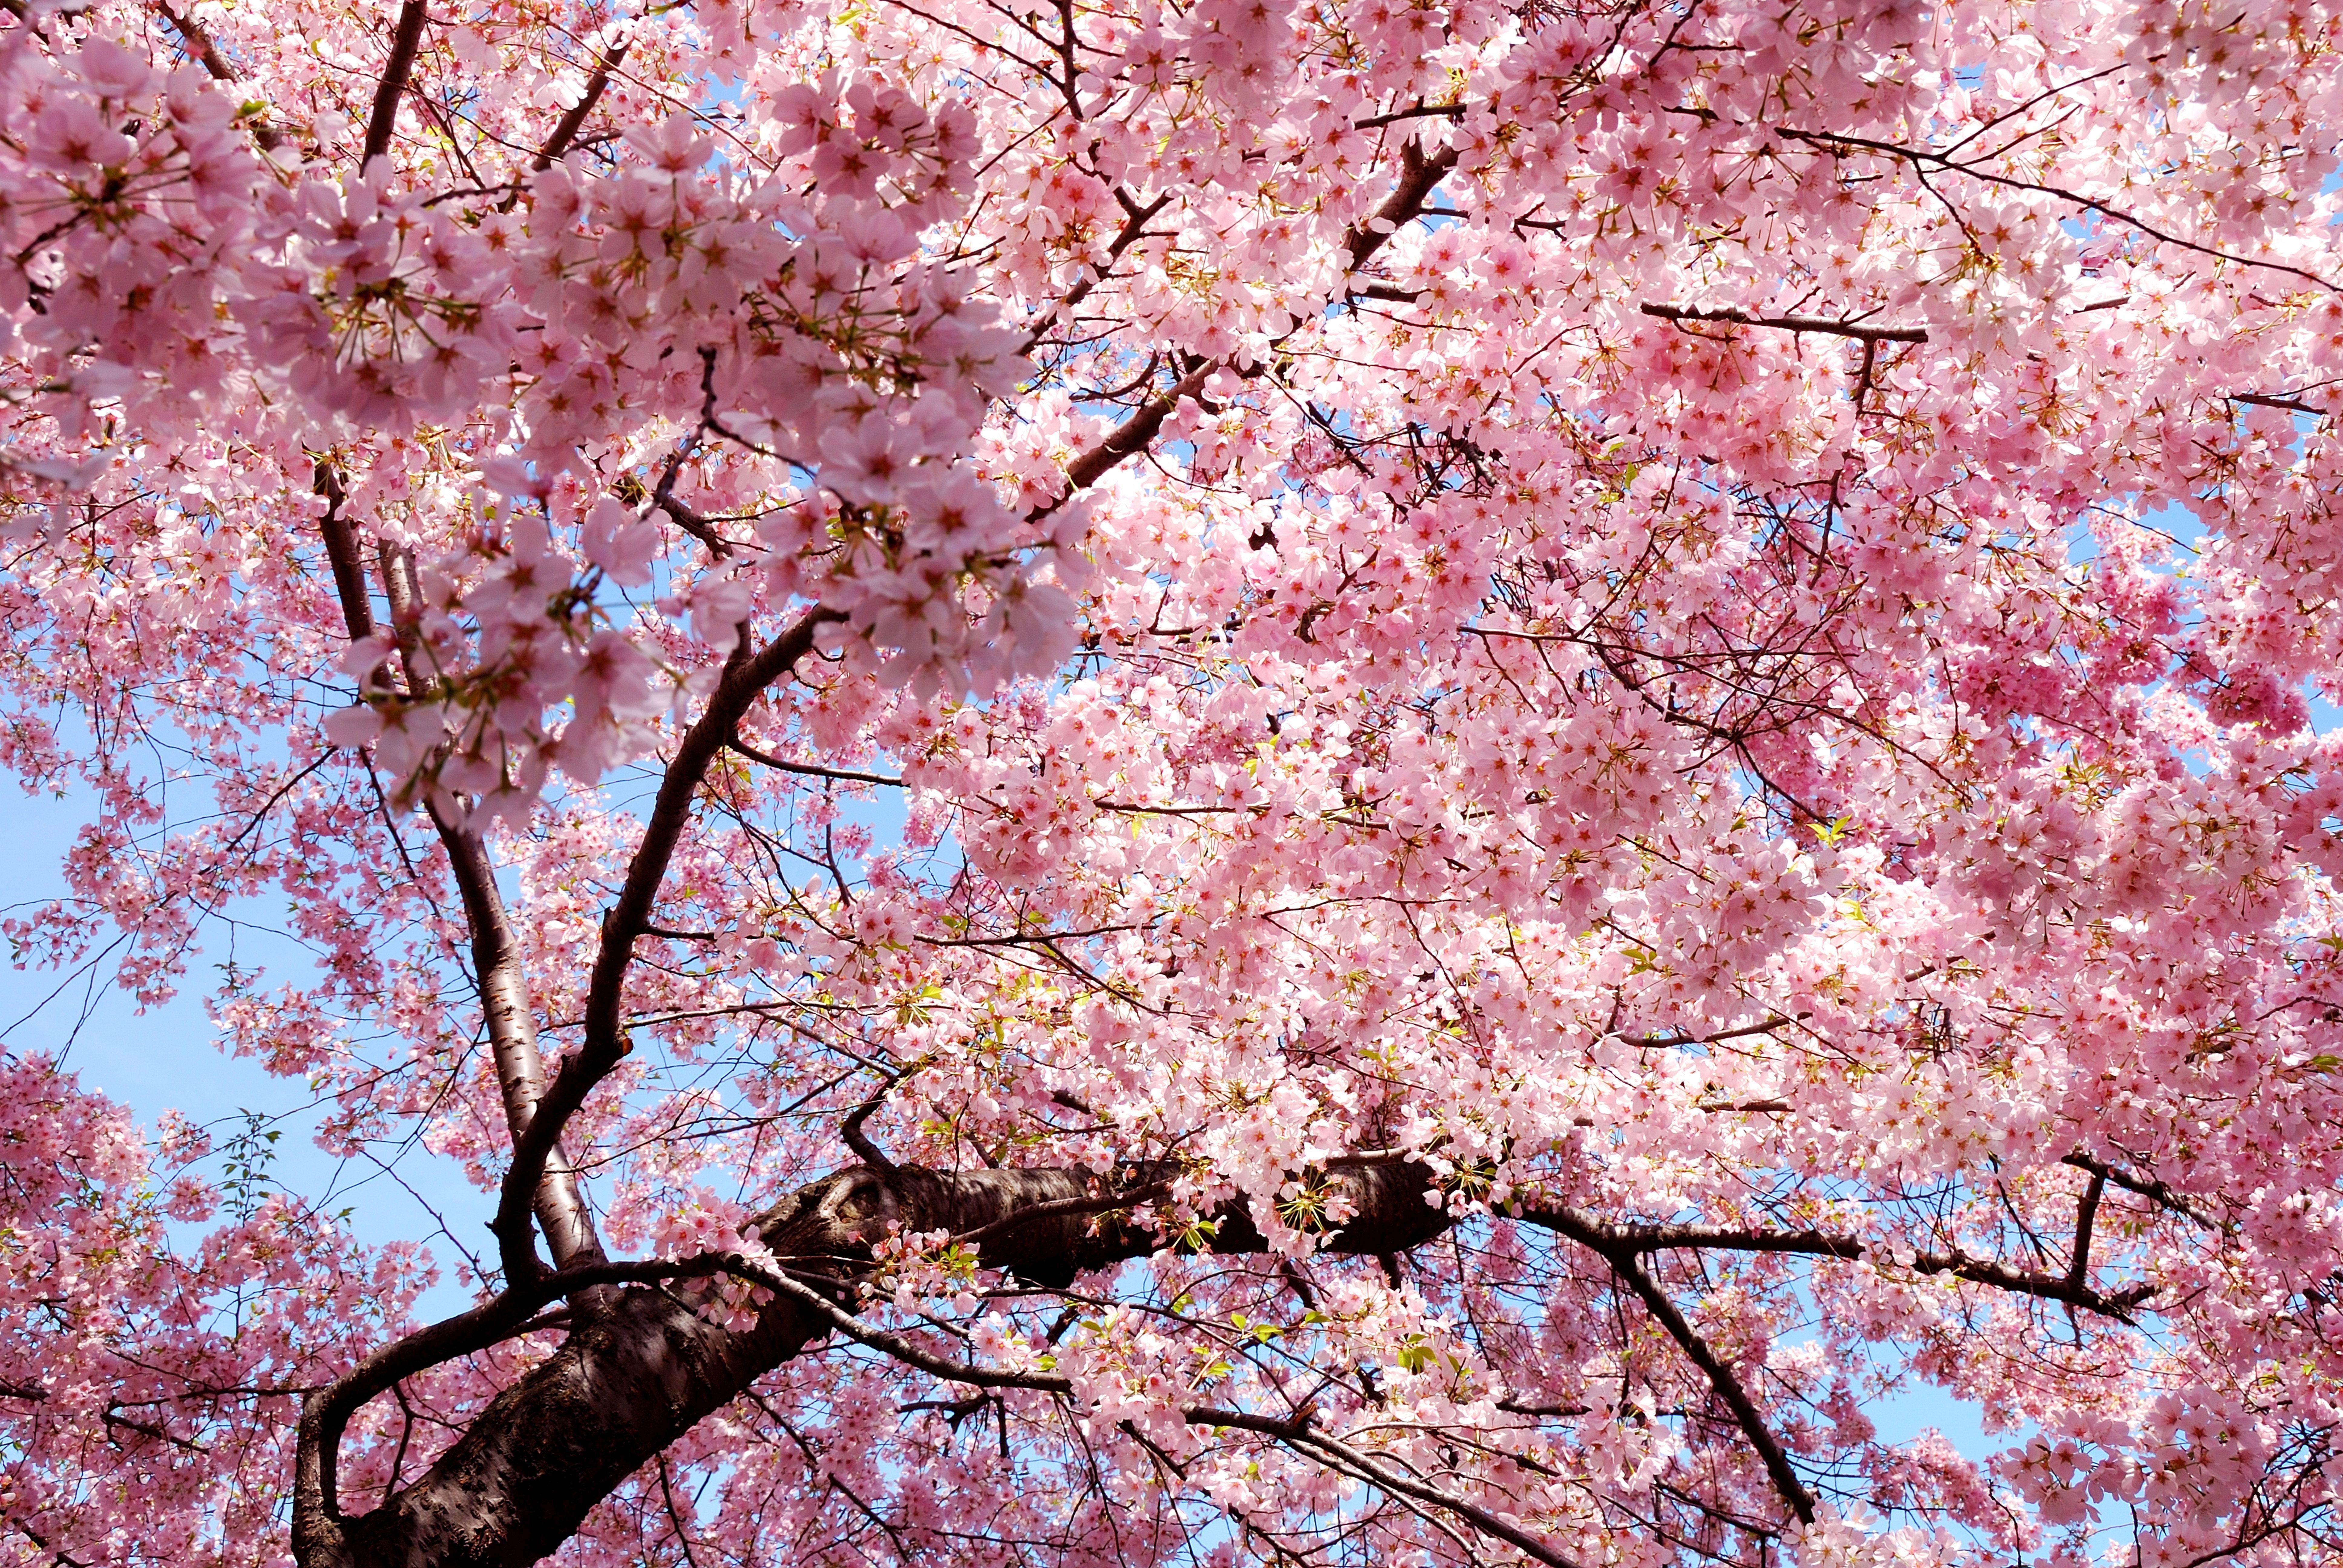 Download Wallpaper Spring Pink Petals Sakura Free Desktop Wallpaper In The Resolution 7744x5184 Fiori Di Ciliegio Giapponesi Murales Fiori Di Ciliegio